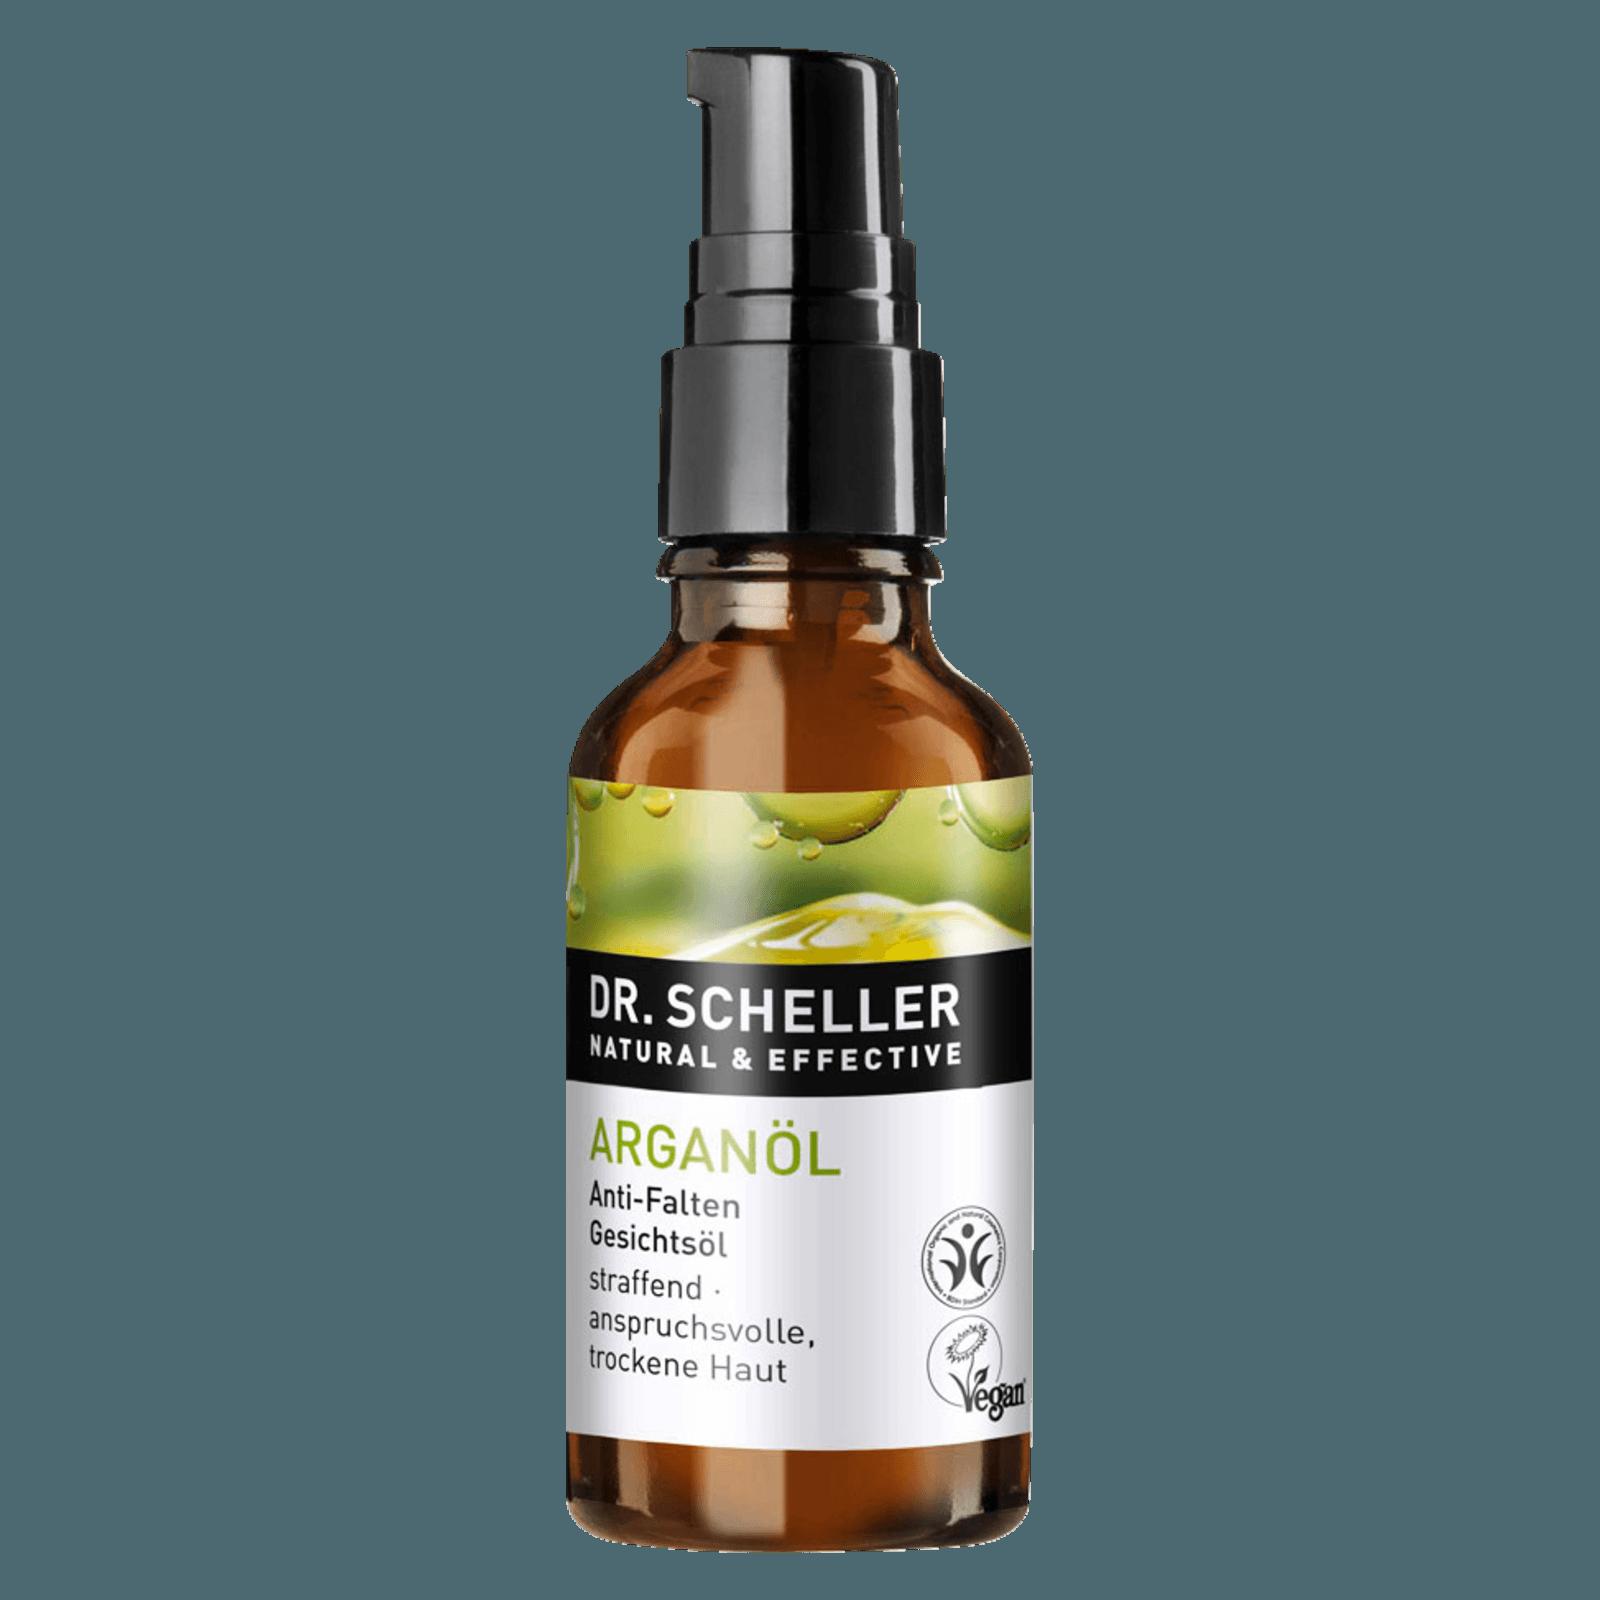 Dr. Scheller Gesichtsöl Arganöl 30ml